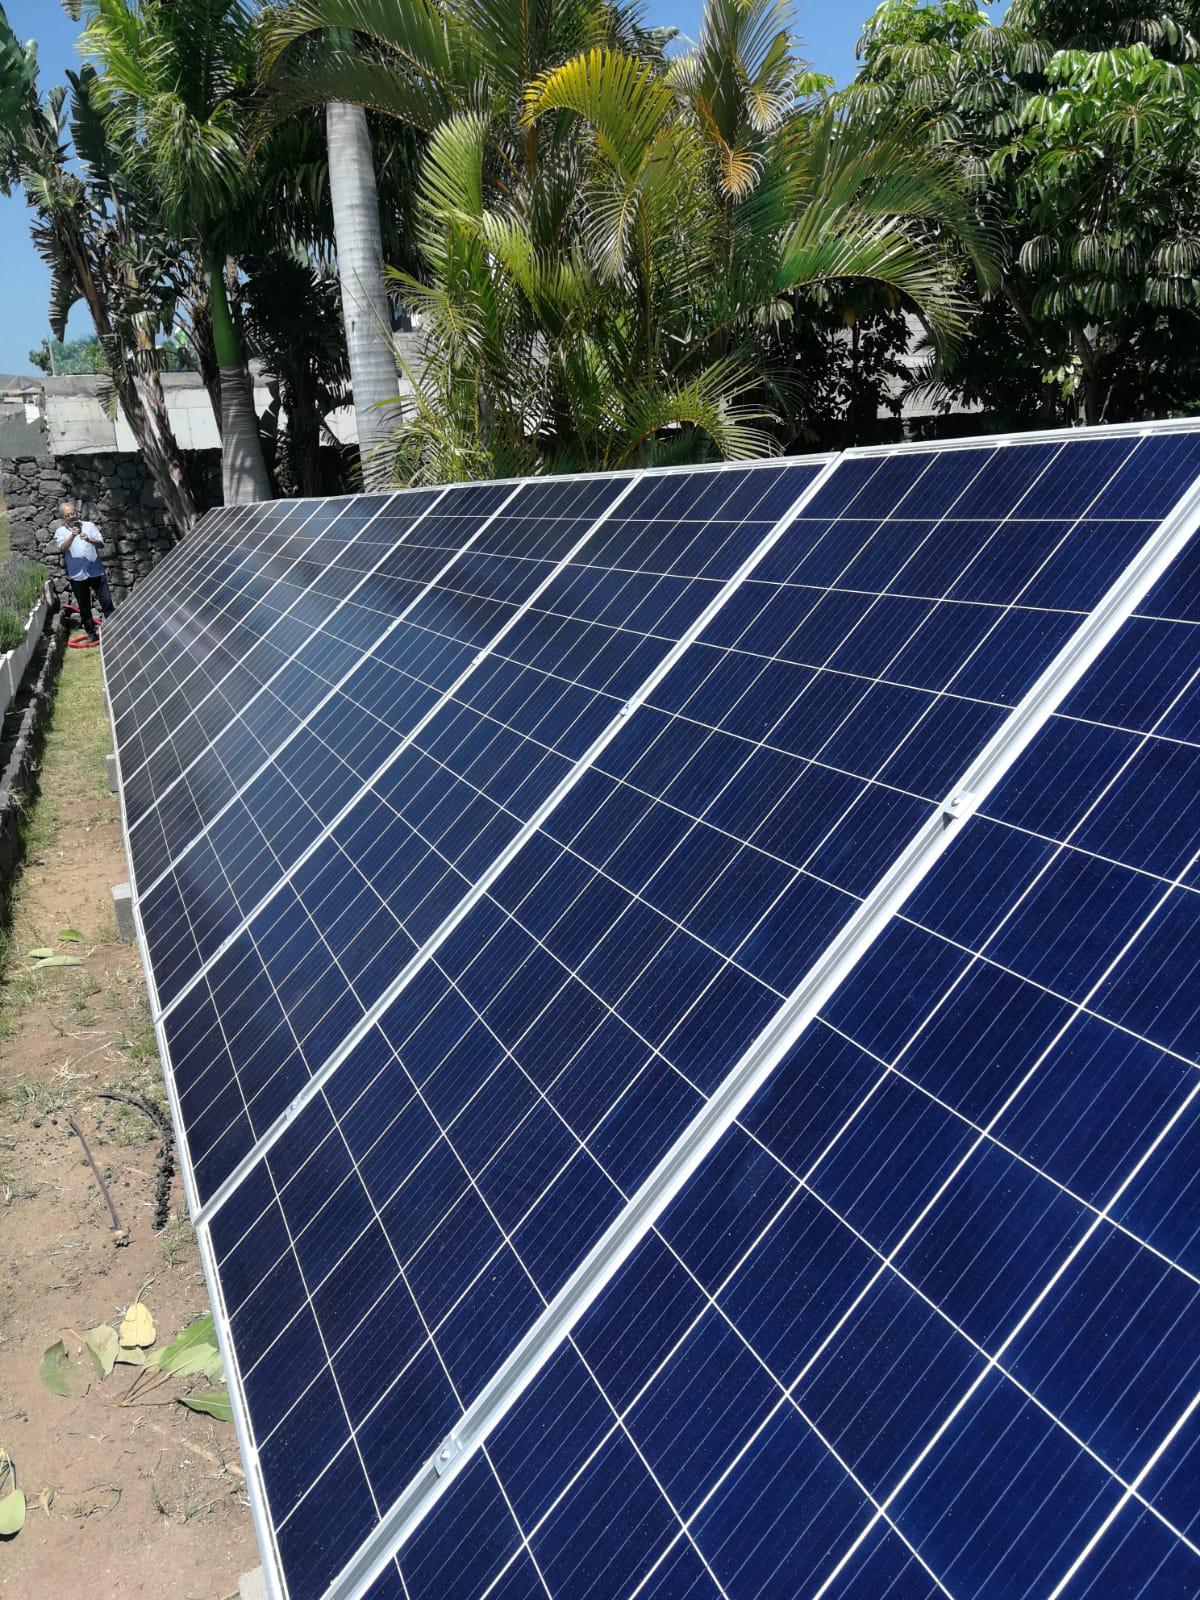 Instalación fotovoltaica 5kw - Telde El Cortijo